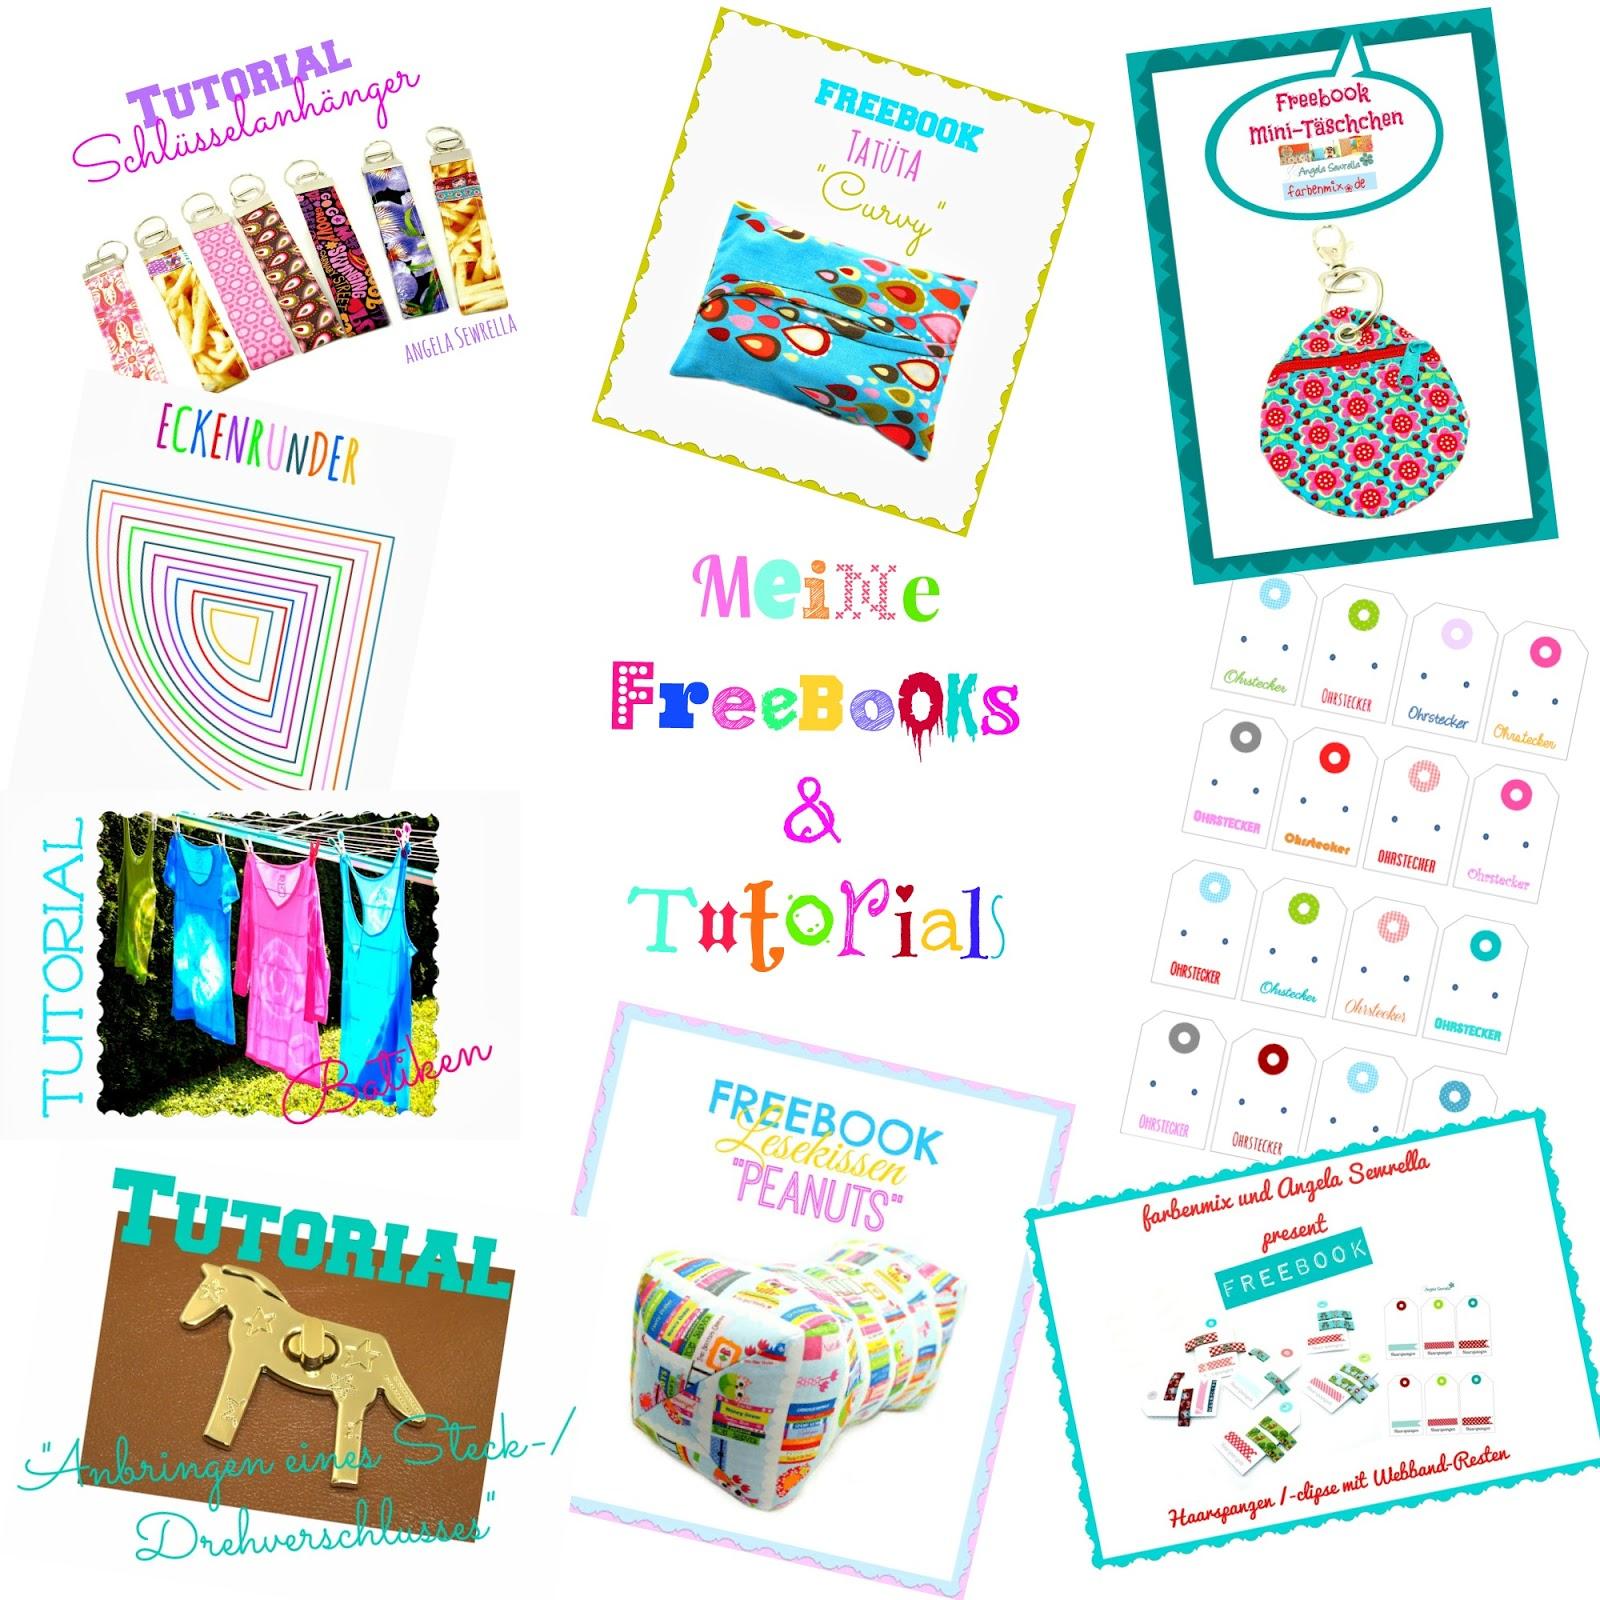 meine Freebooks und Tutorials zum nähen auf meinem Blog